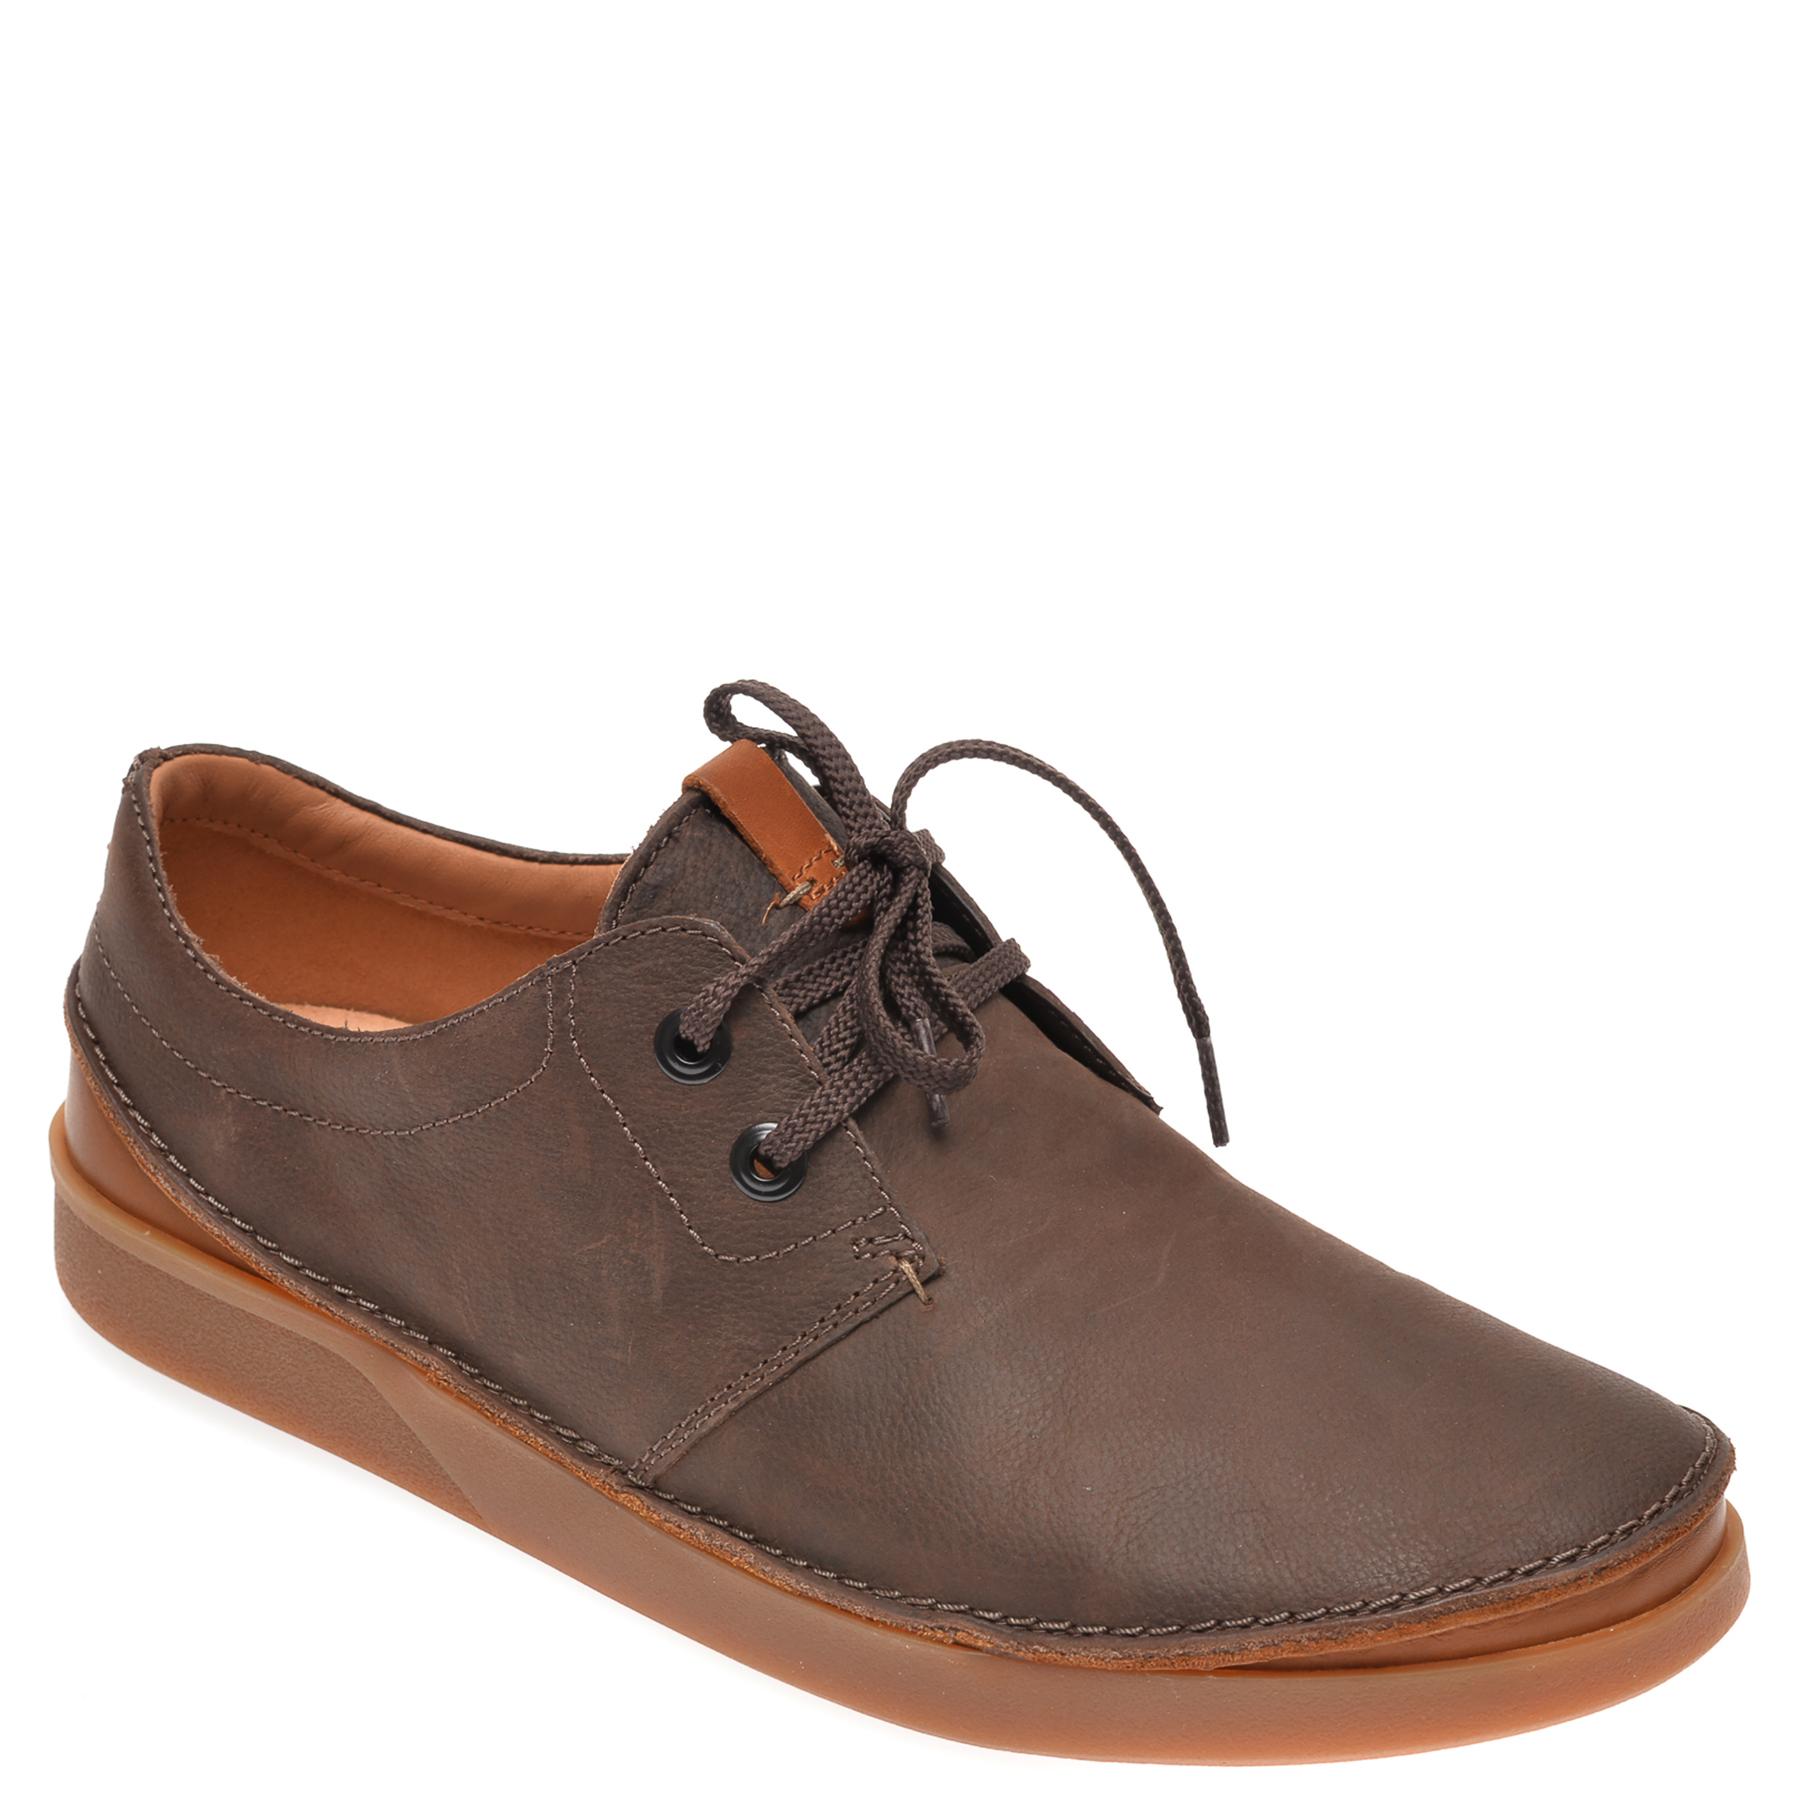 Pantofi CLARKS maro, Oakland Lace , din piele naturala imagine